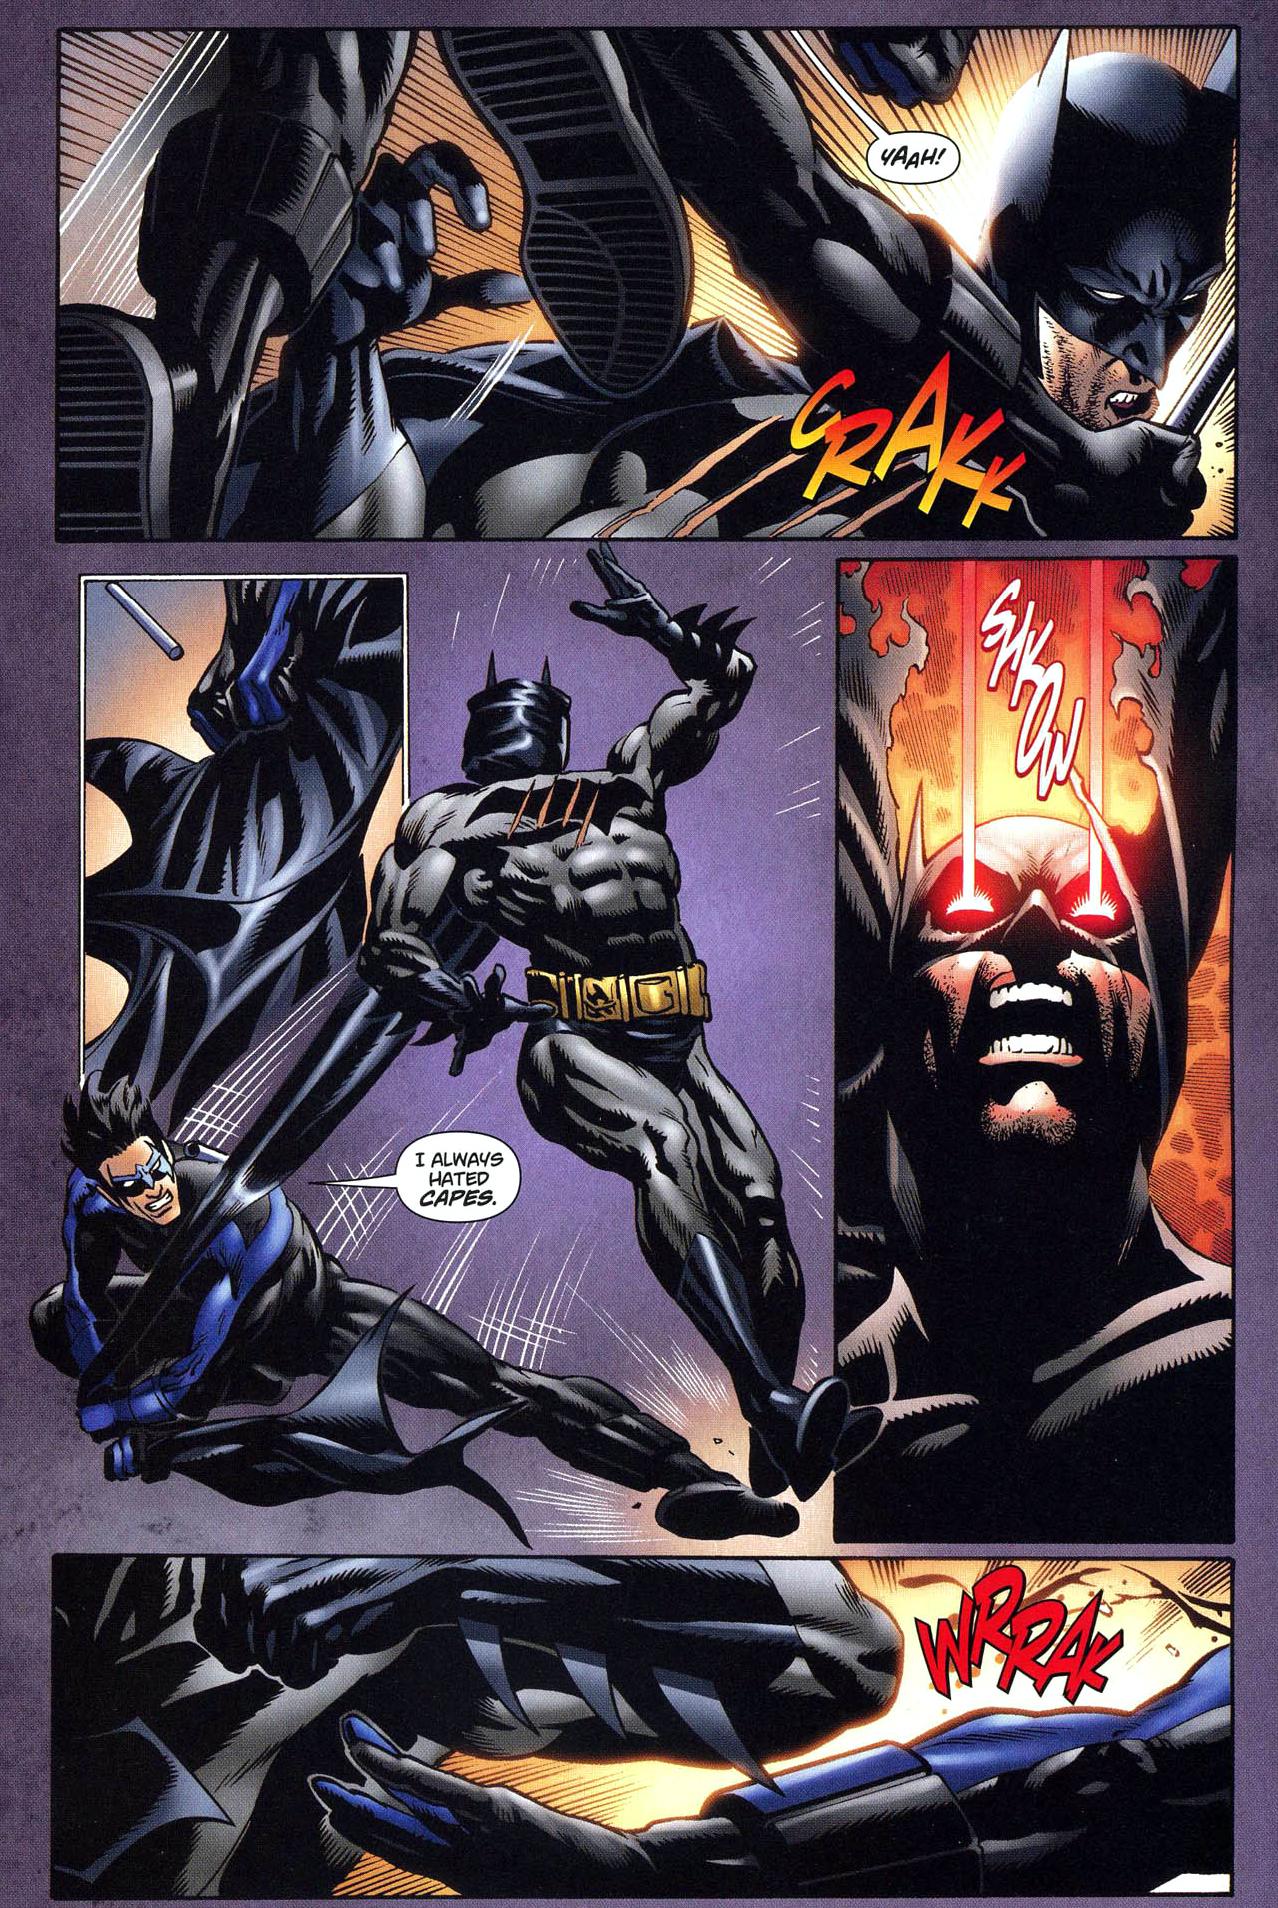 batman vs nightwing (superbat)